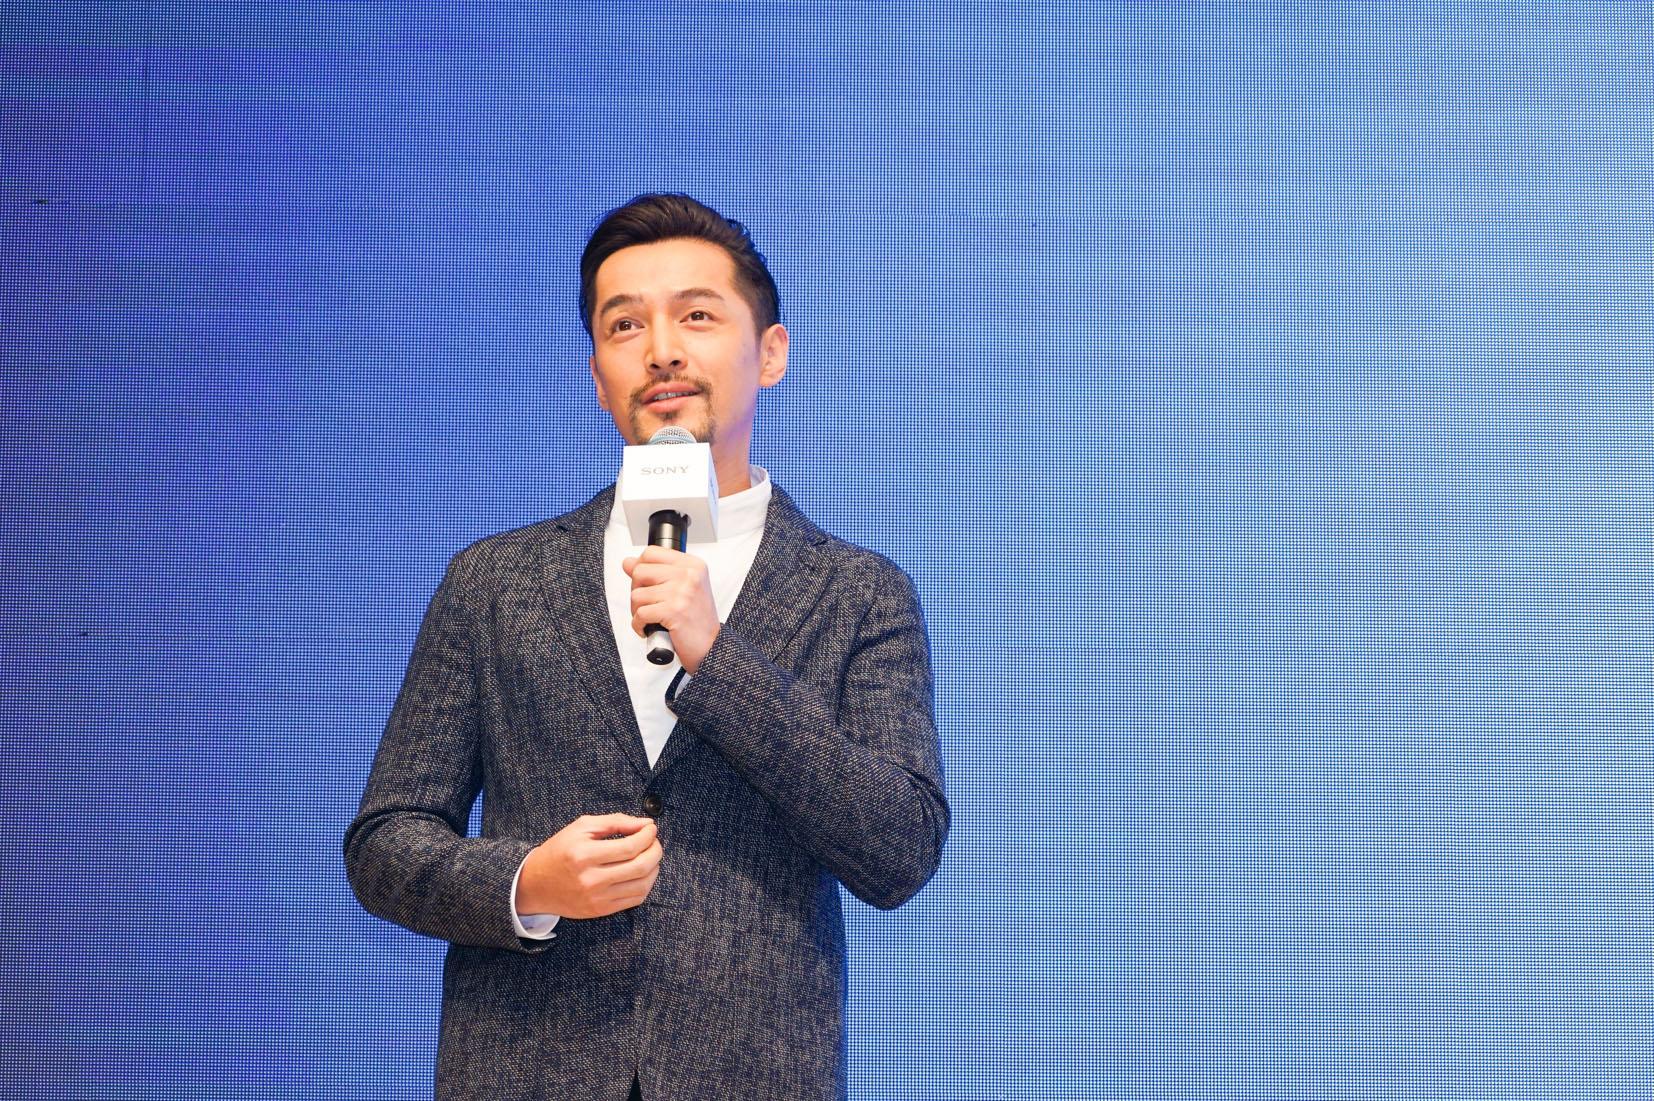 """匠心雕琢,创领不凡 """"视""""界 实力派演员胡歌亮相索尼全新OLED电视A8F中国发布会"""